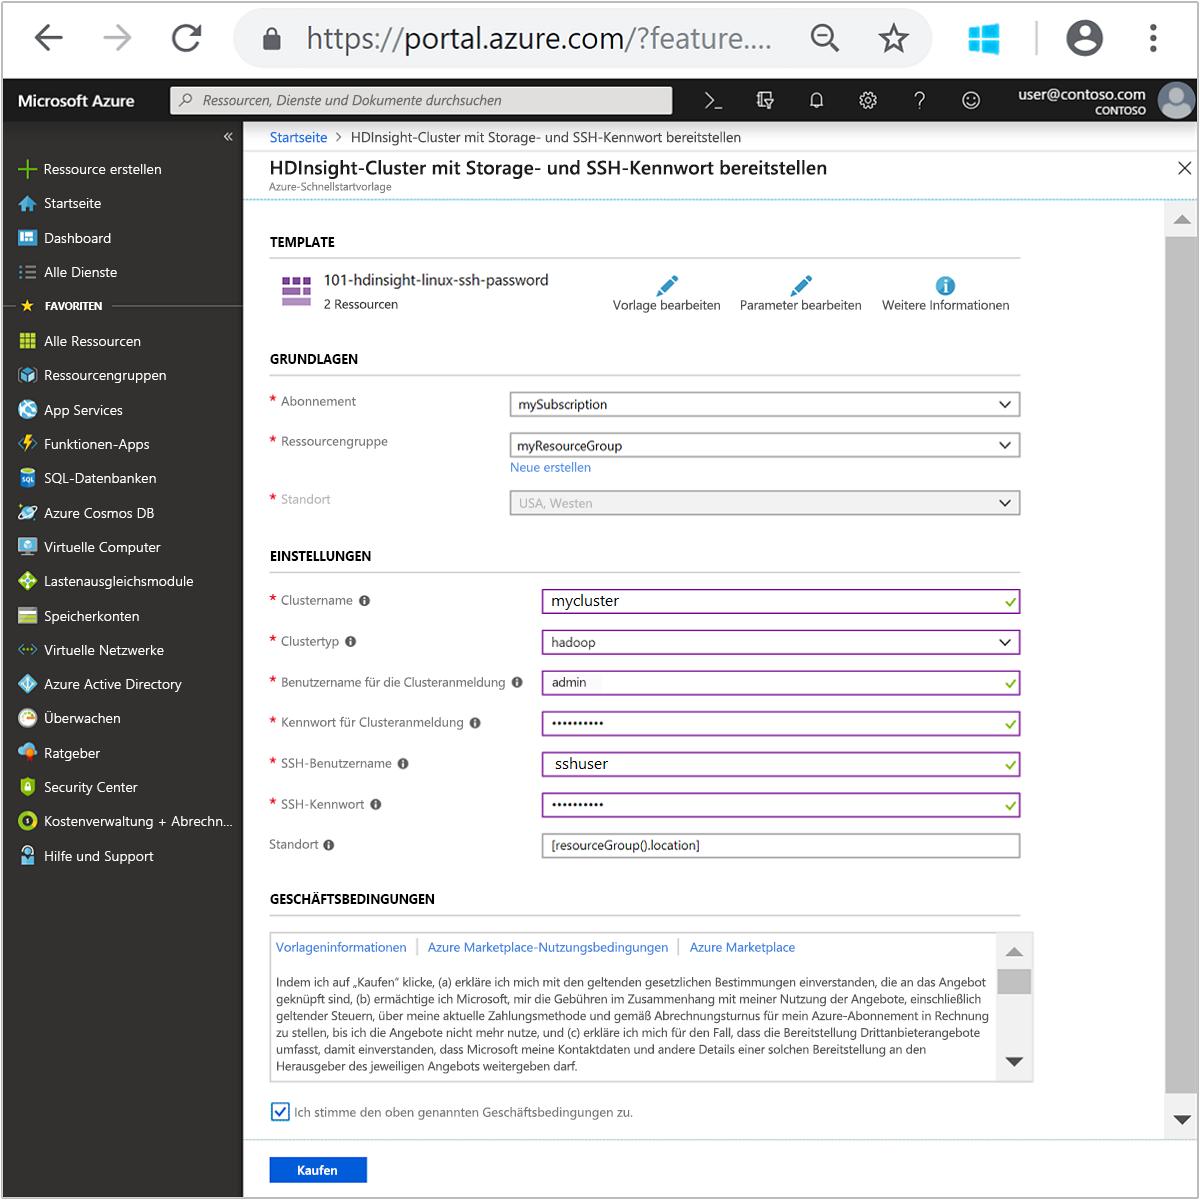 Erste Schritte mit Hadoop und Hive in Azure HDInsight | Microsoft Docs